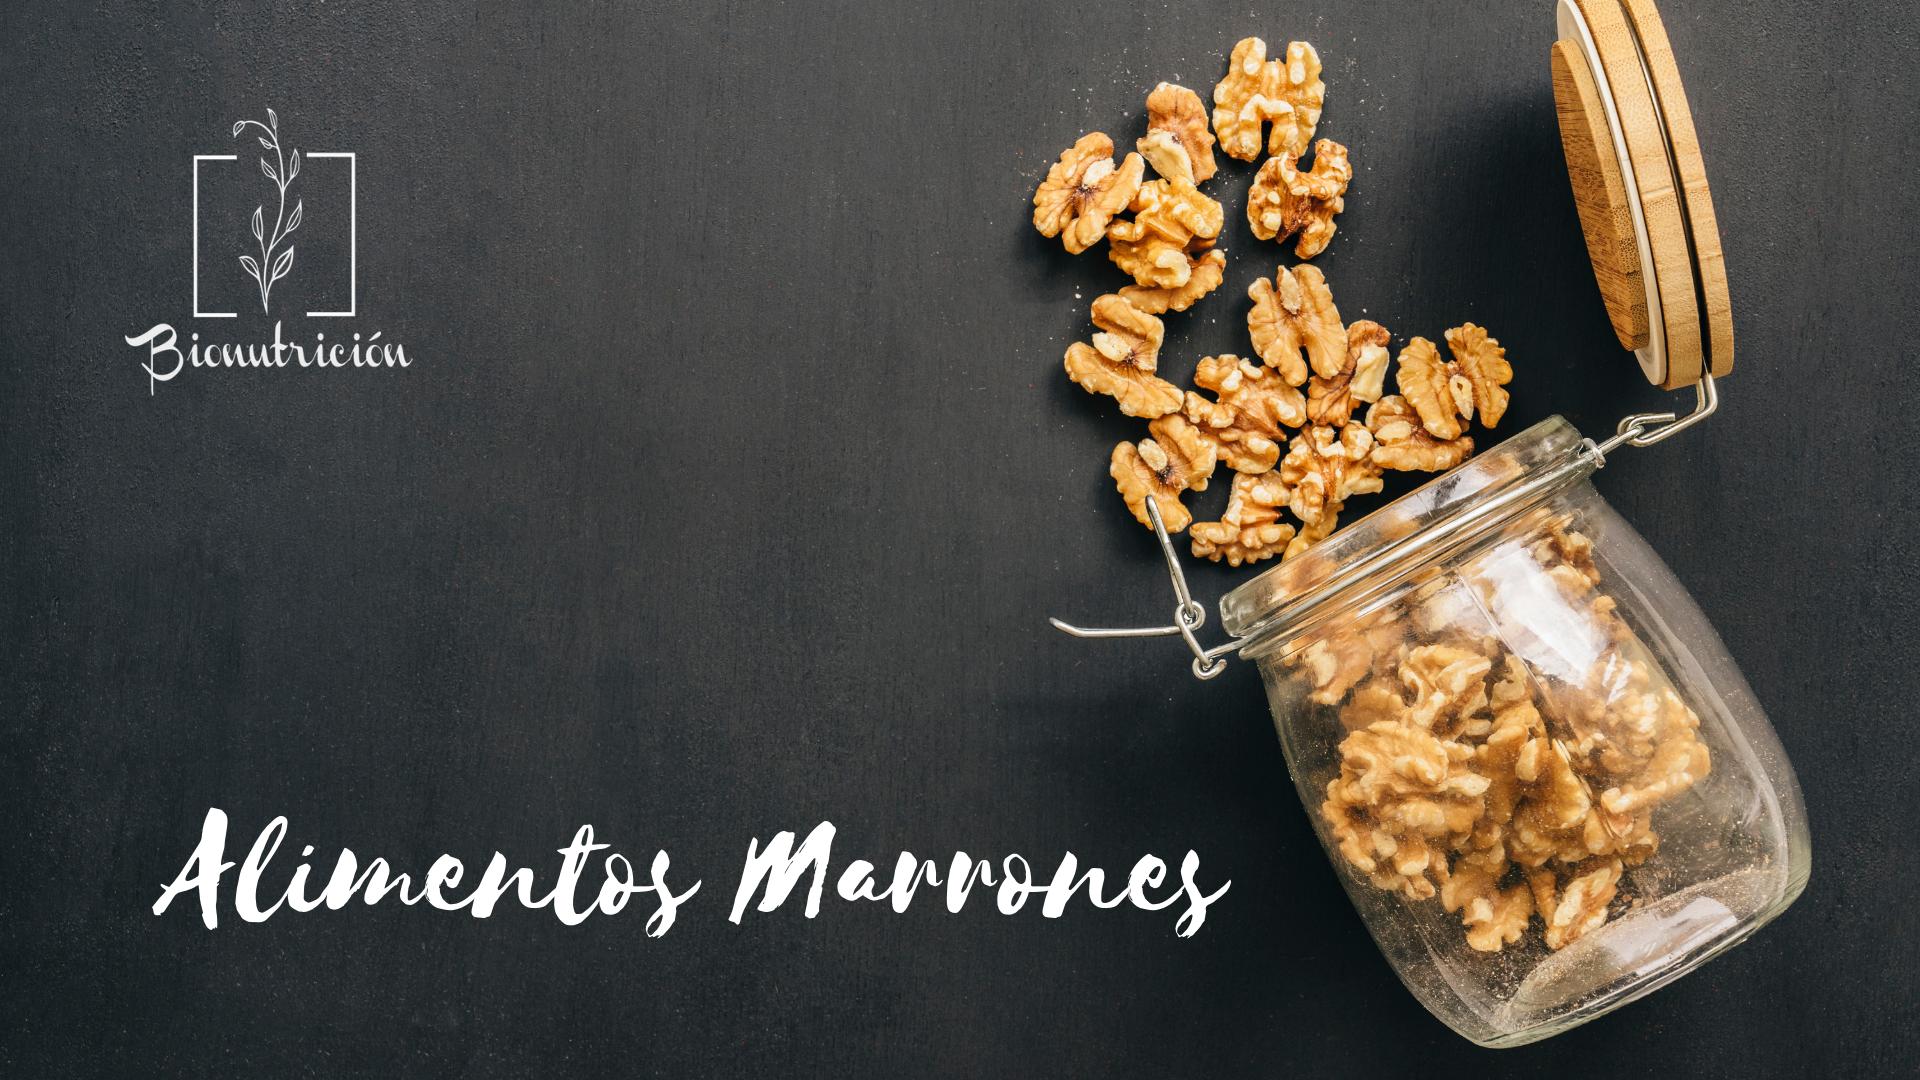 Propiedades de los alimentos marrones-Bionutrición Ortomolecular